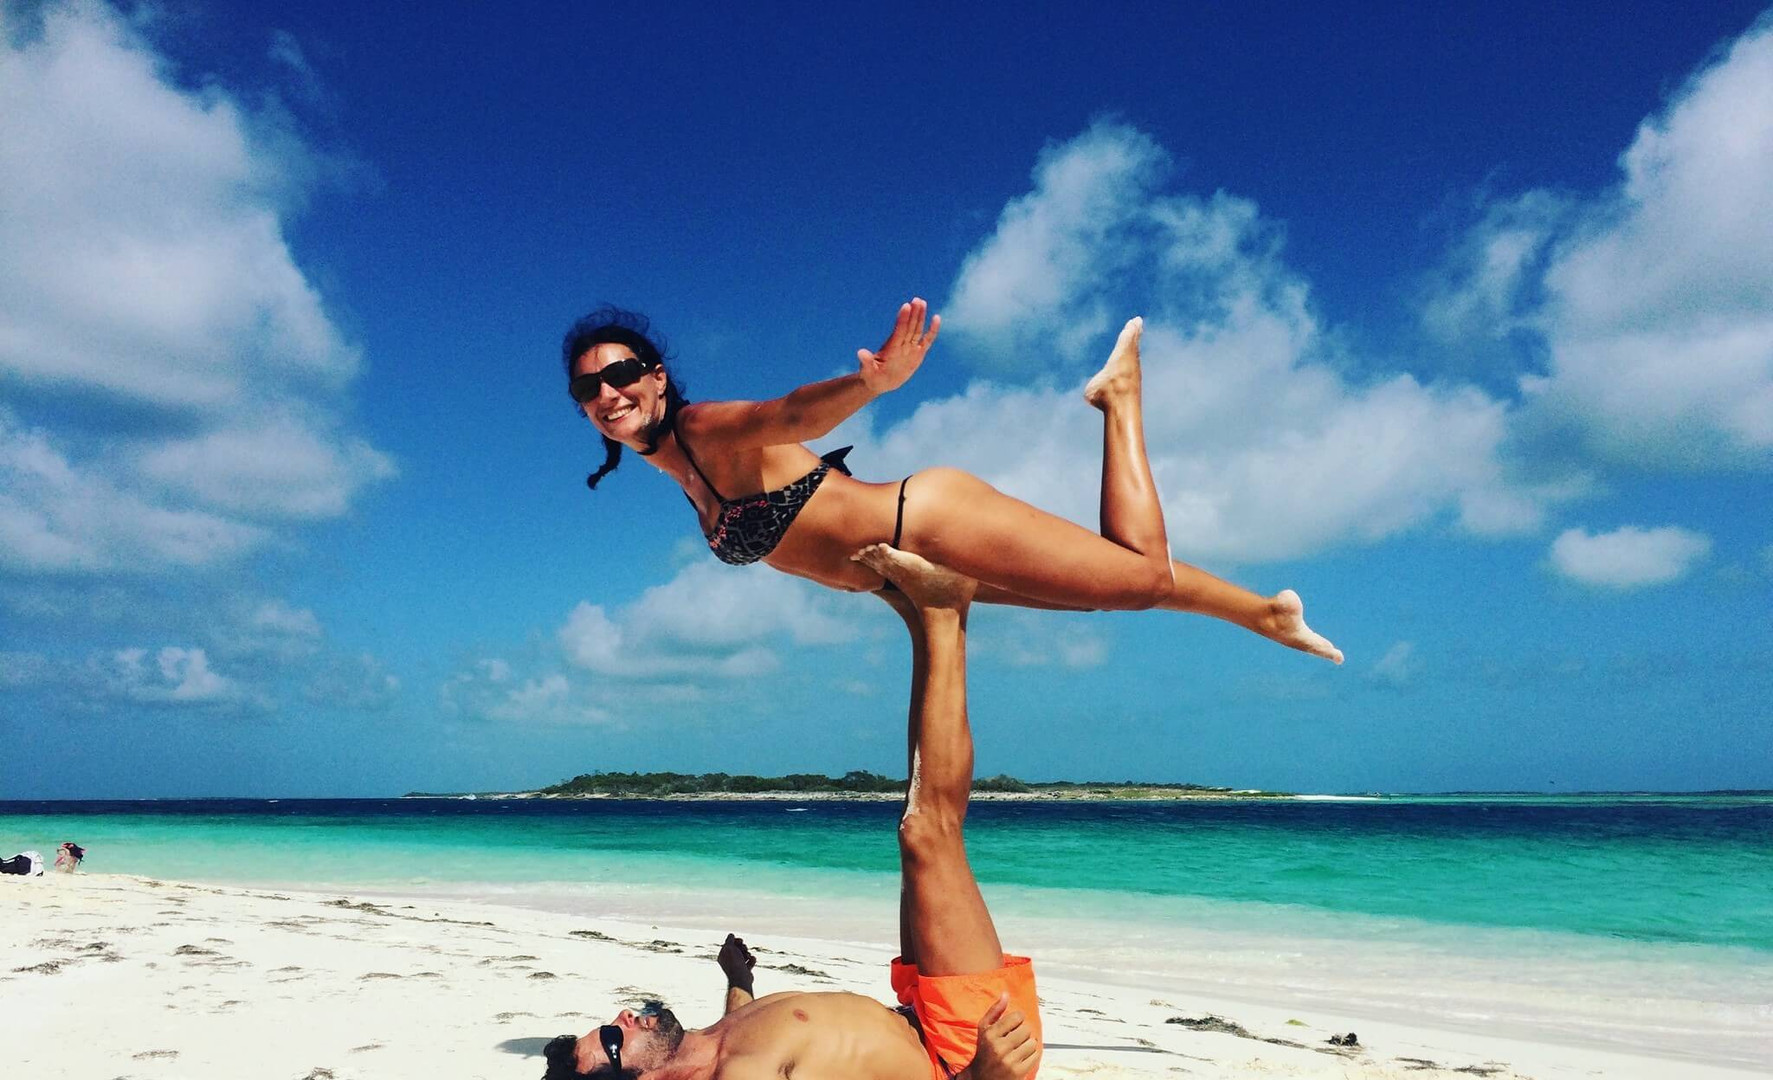 Yoga on the beach French polynesia